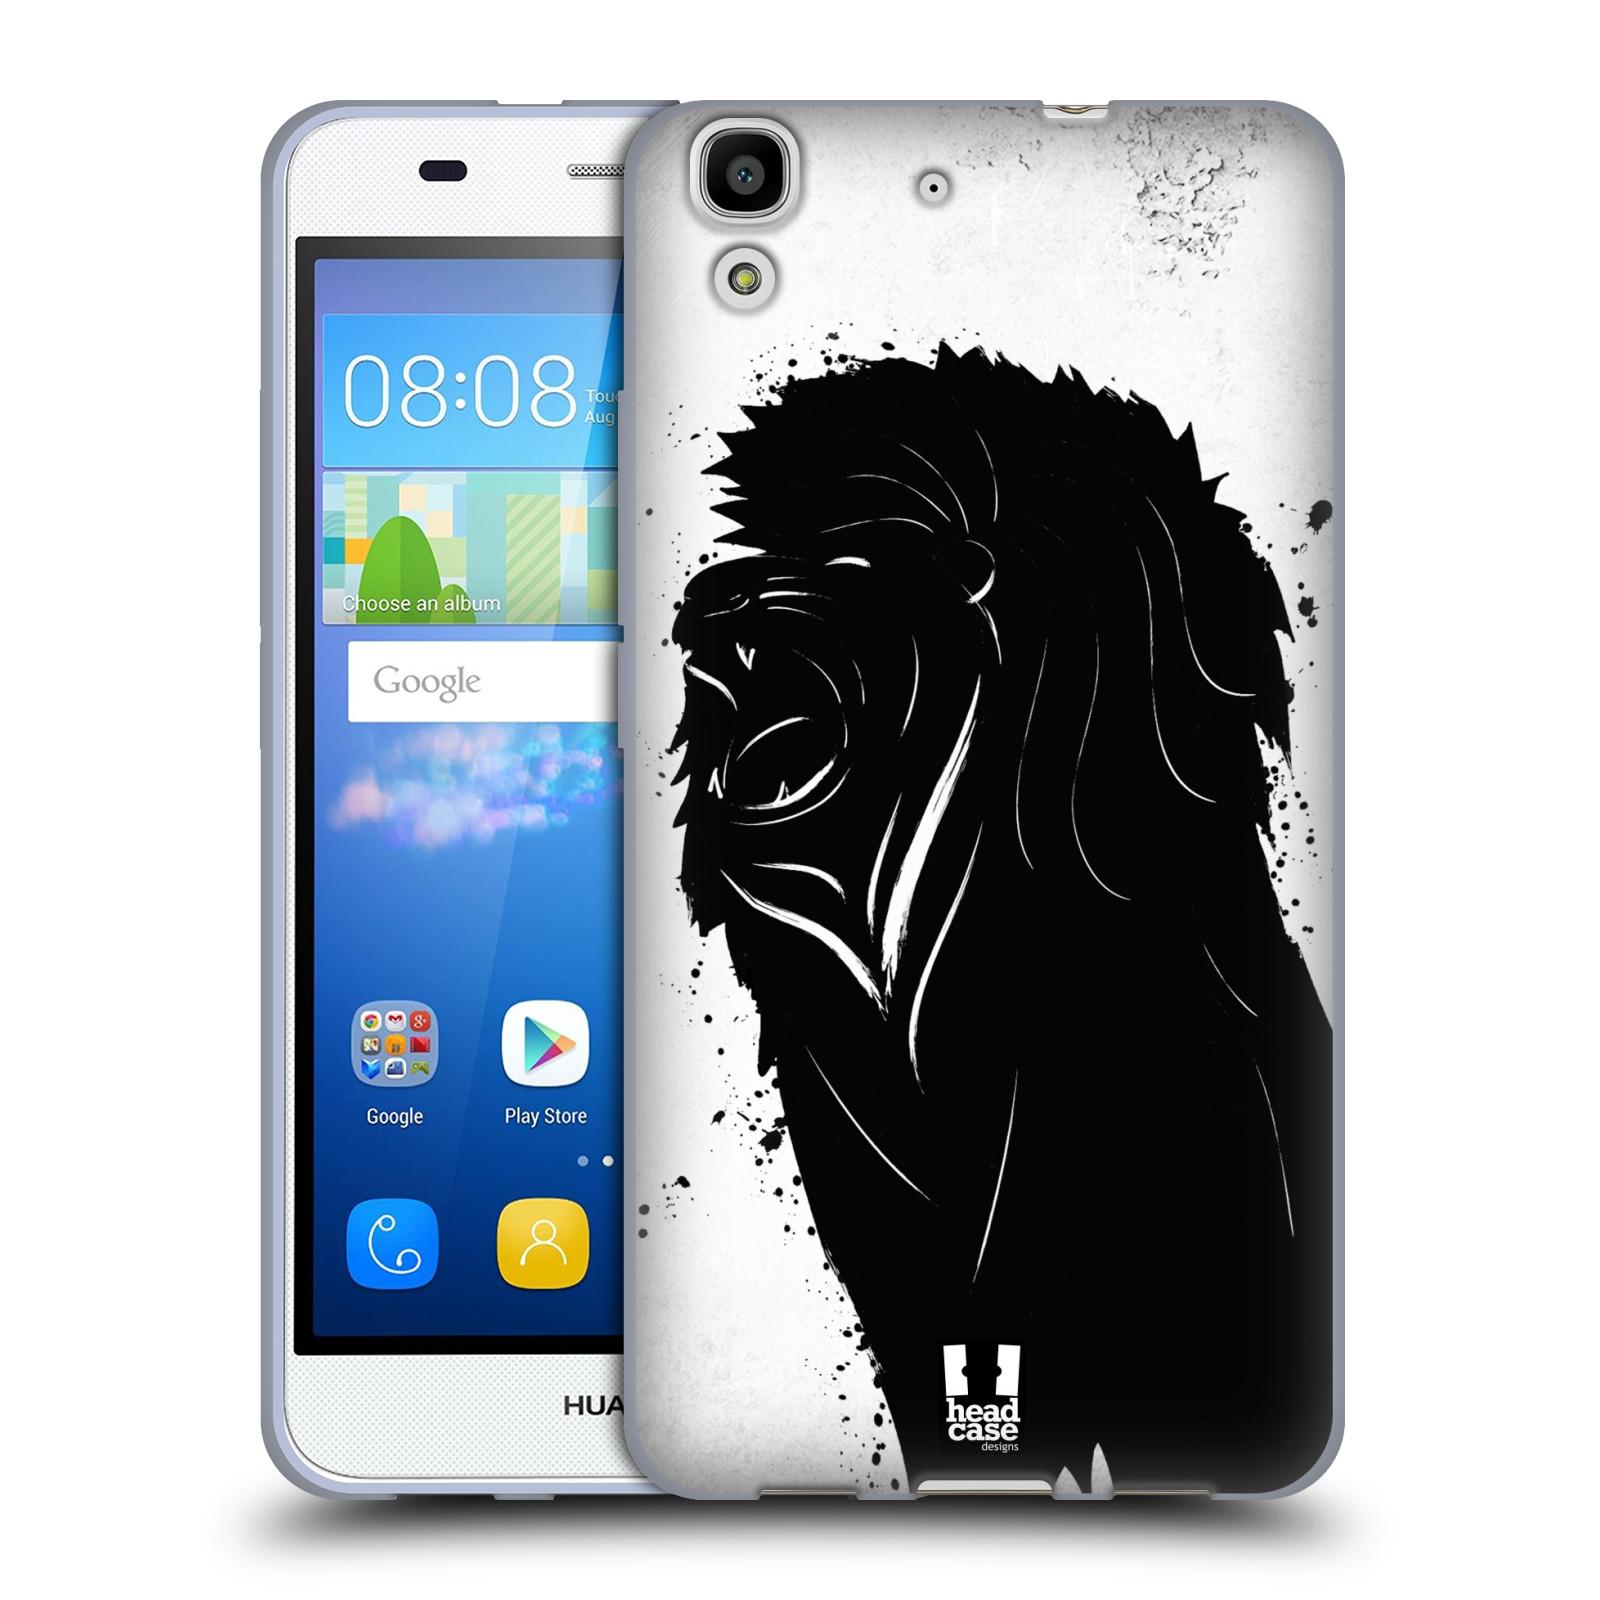 HEAD CASE silikonový obal na mobil HUAWEI Y6 vzor Kresba tuš zvíře lev